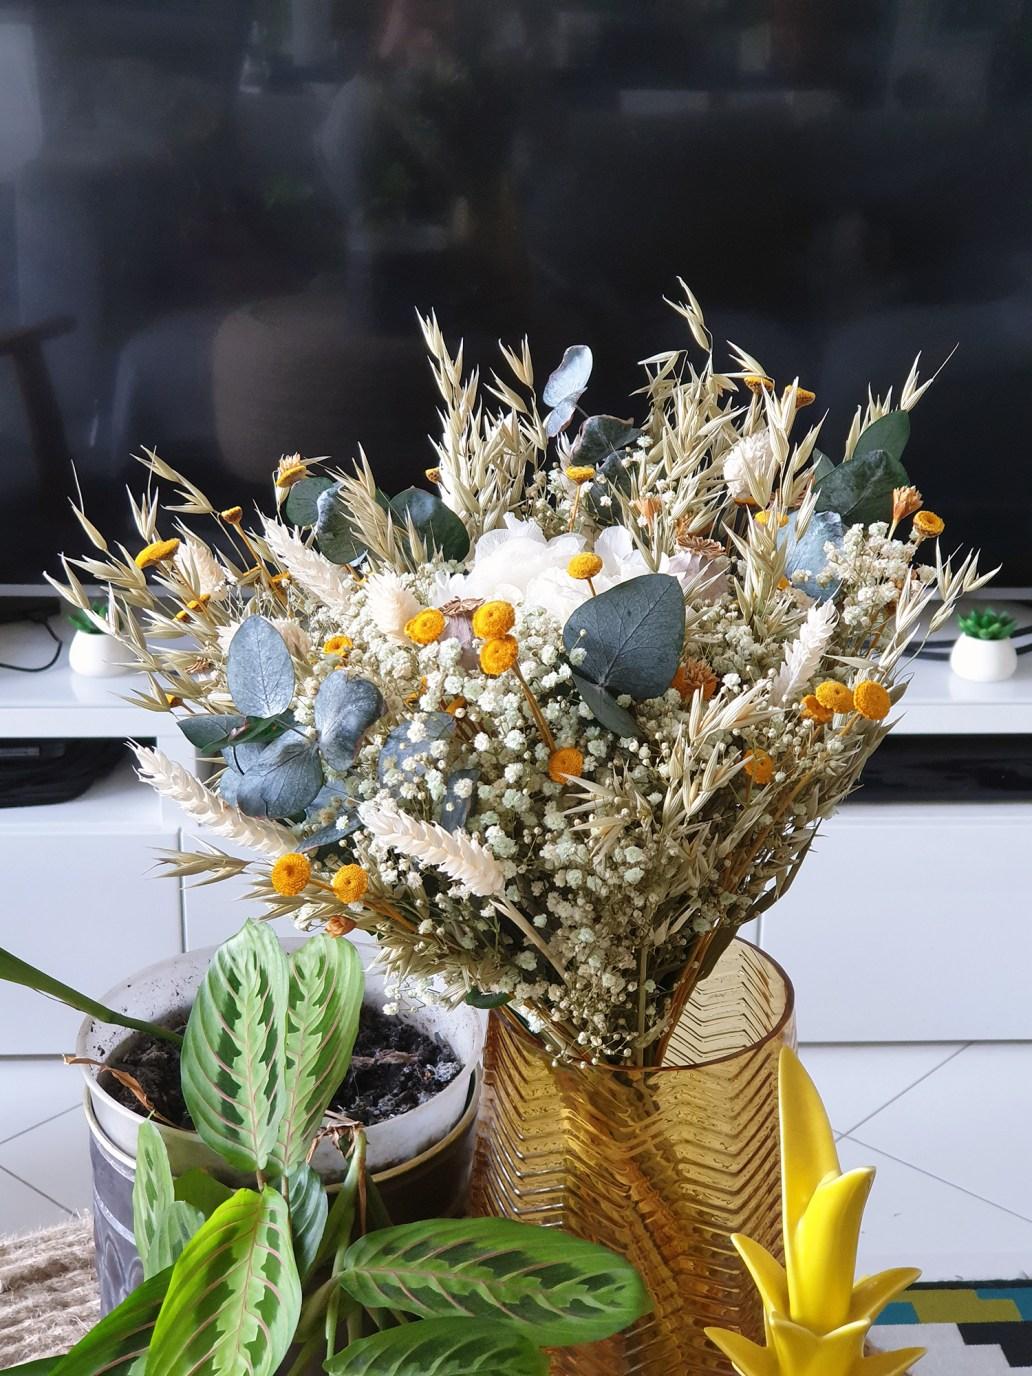 20201012 131456 - Laisser les fleurs séchées envahir la décoration